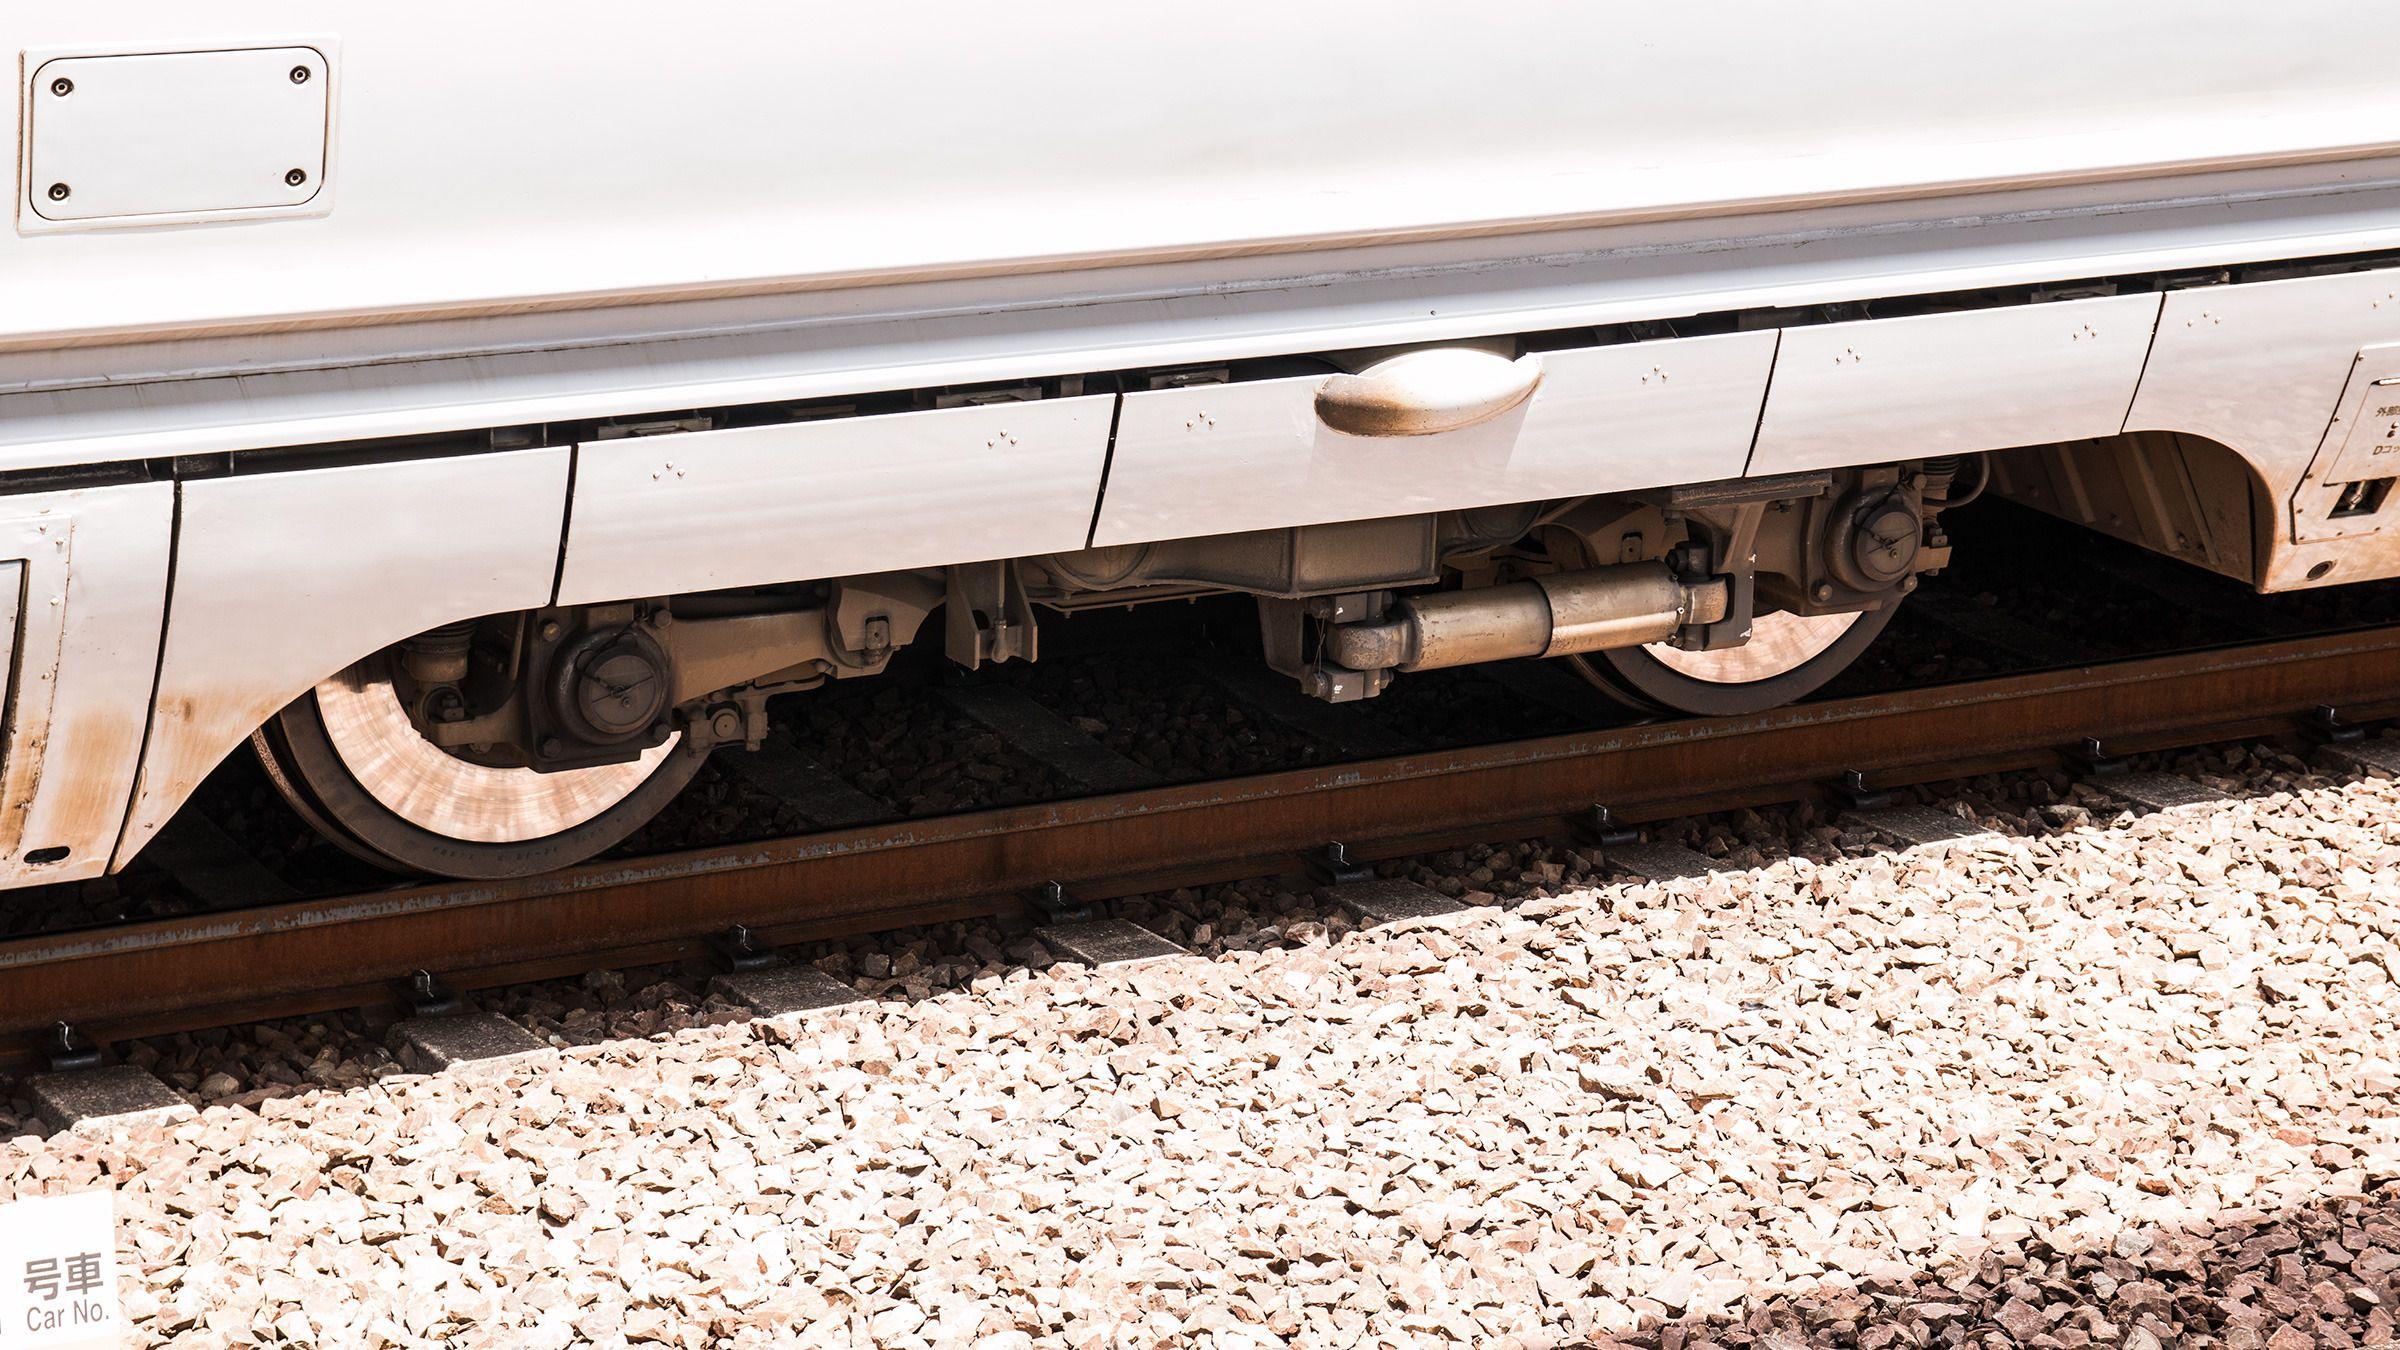 Togene på Shinkansen holder bakkekontakten godt – kroppen på toget omslutter nesten hjulene fullstendig.Foto: Varg Aamo, Hardware.no